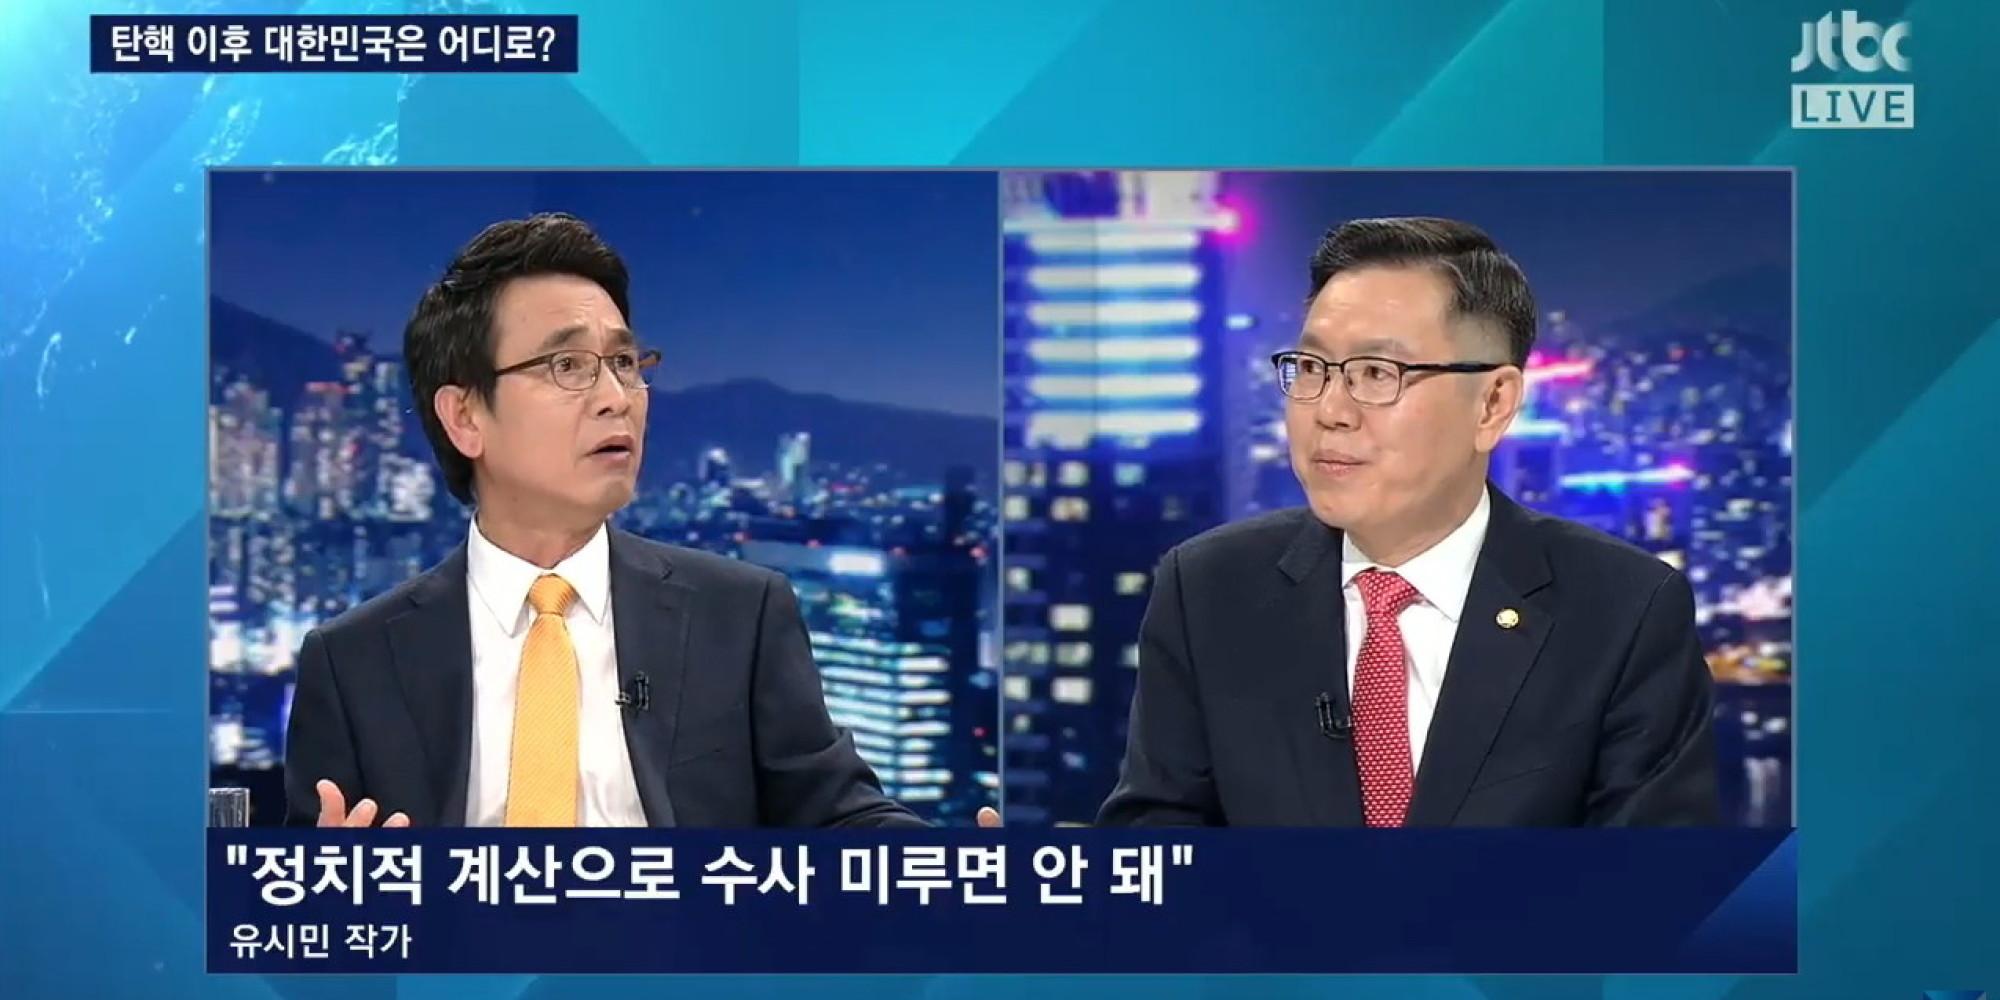 JTBC 특집토론에서 미친 존재감을 뽐낸 유시민 작가의 활약상 하이라이트 (영상)